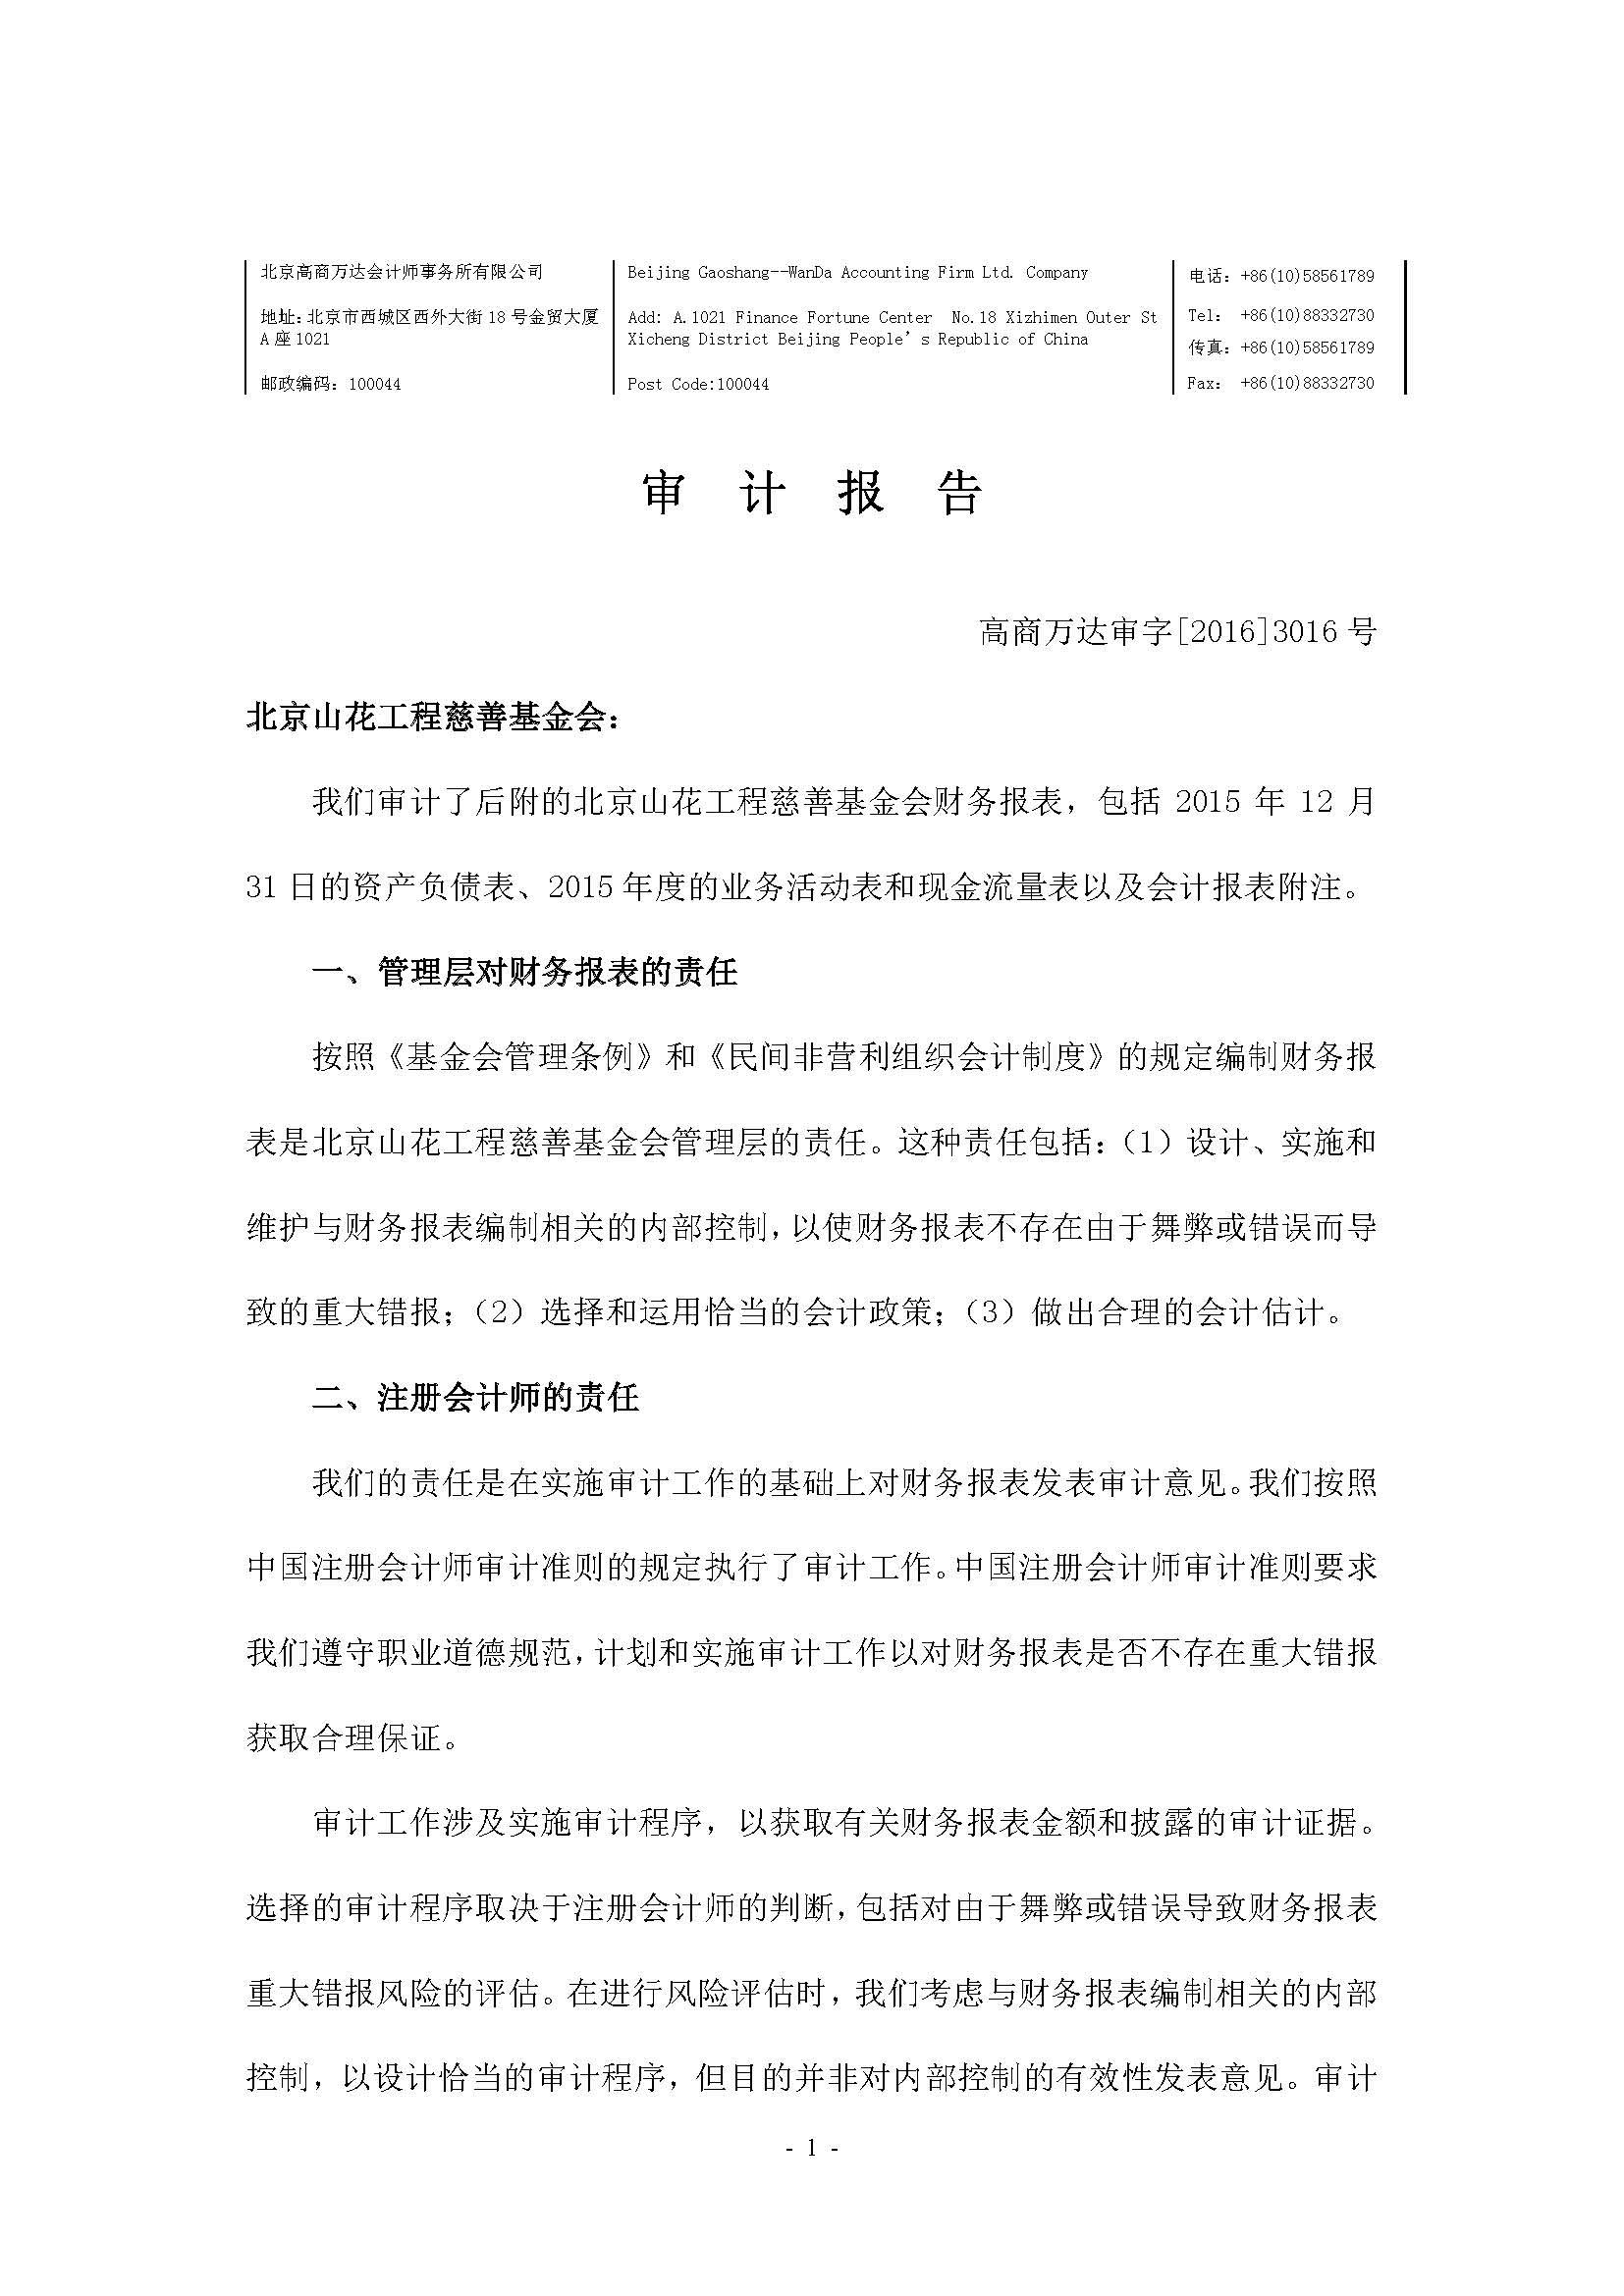 [2016]3016#山花工程基金会审计报告(电子签章)_页面_02